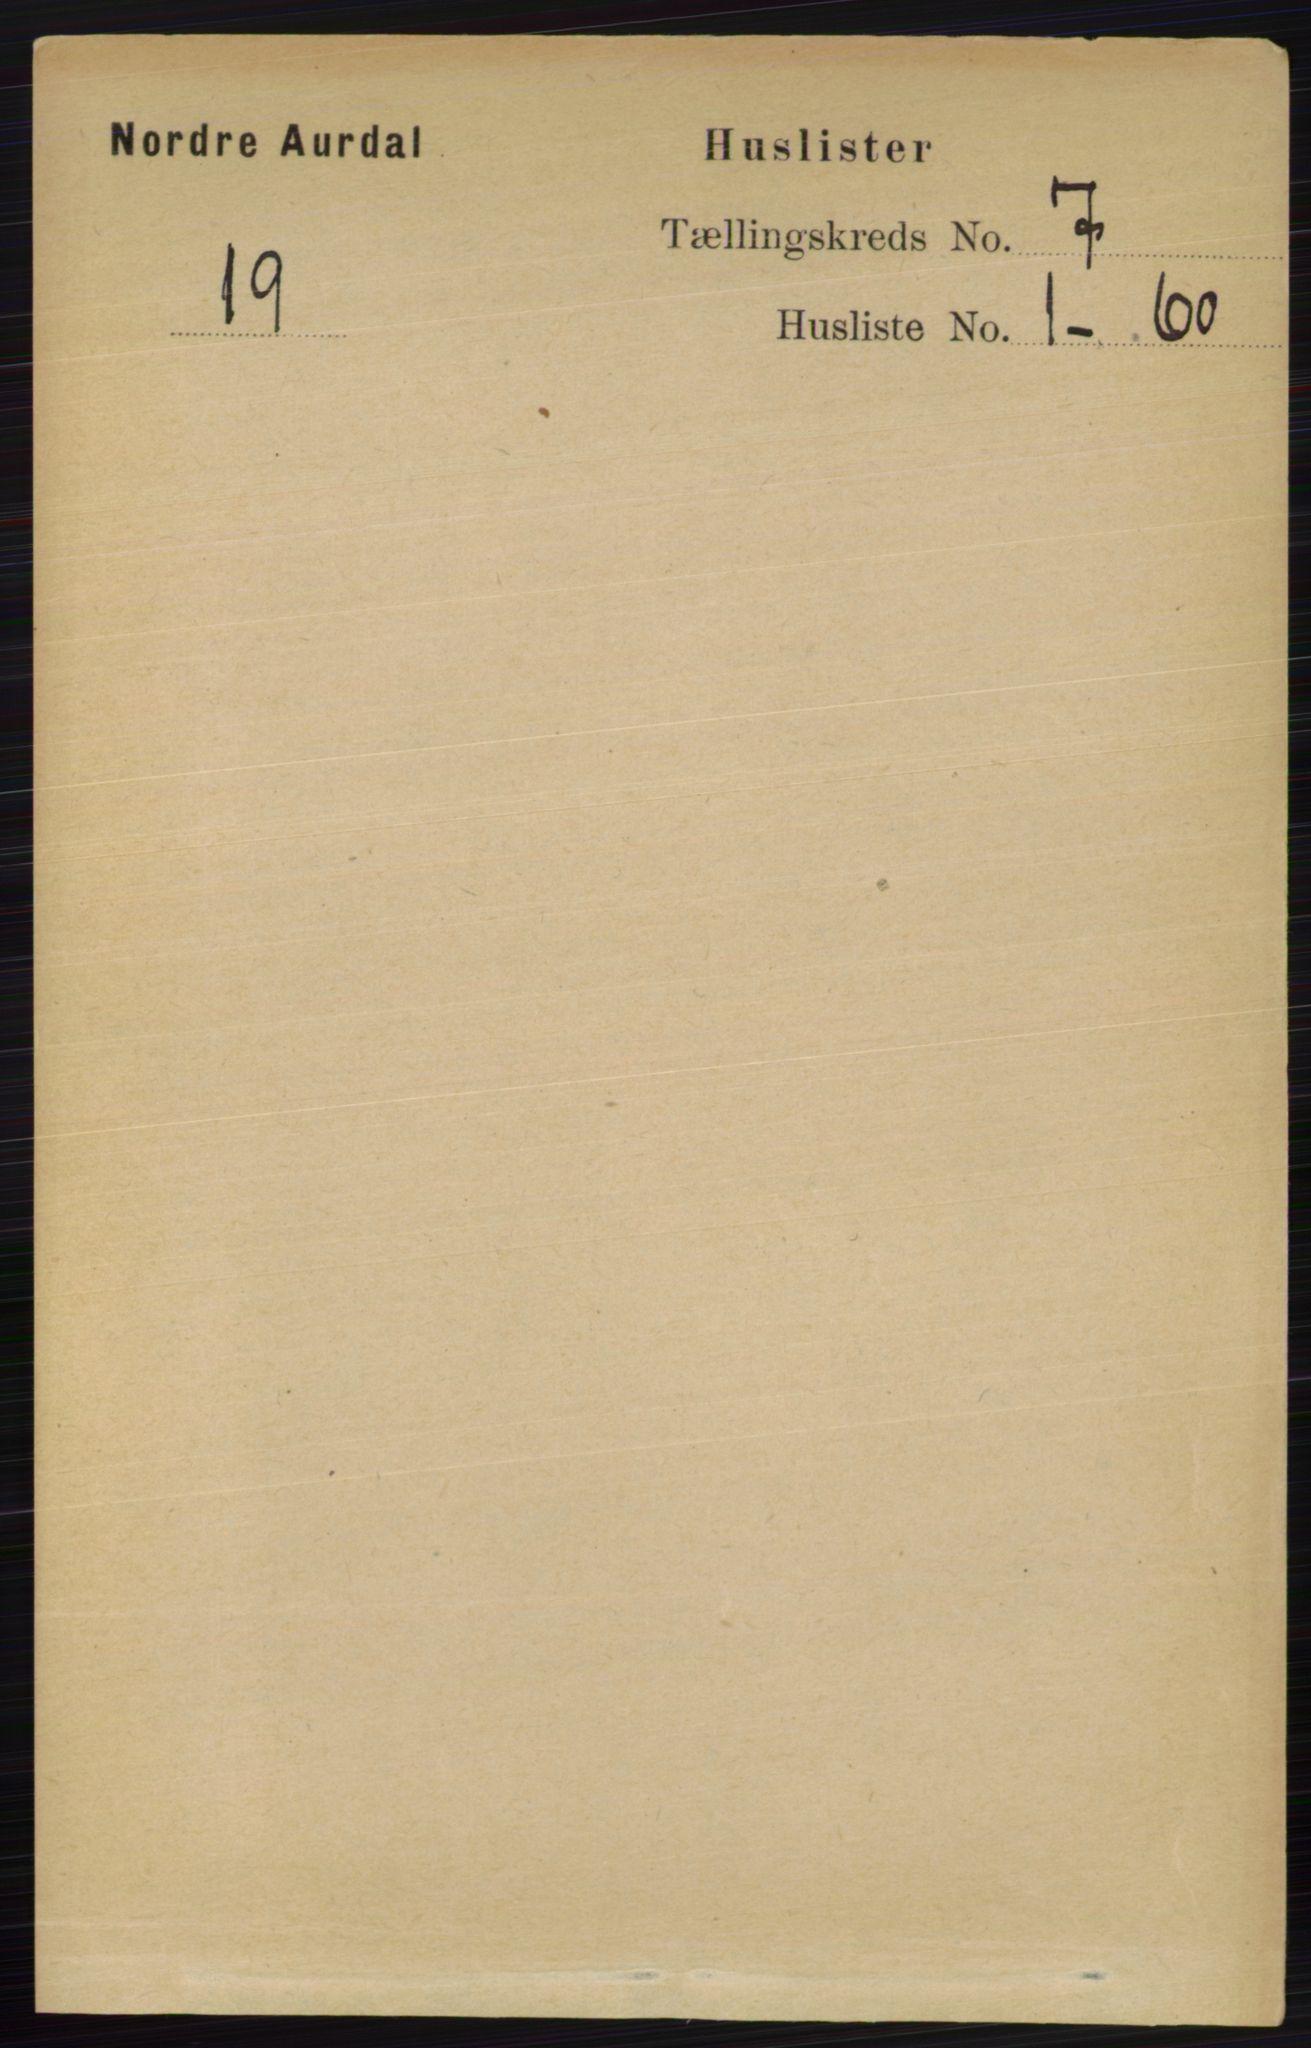 RA, Folketelling 1891 for 0542 Nord-Aurdal herred, 1891, s. 2320